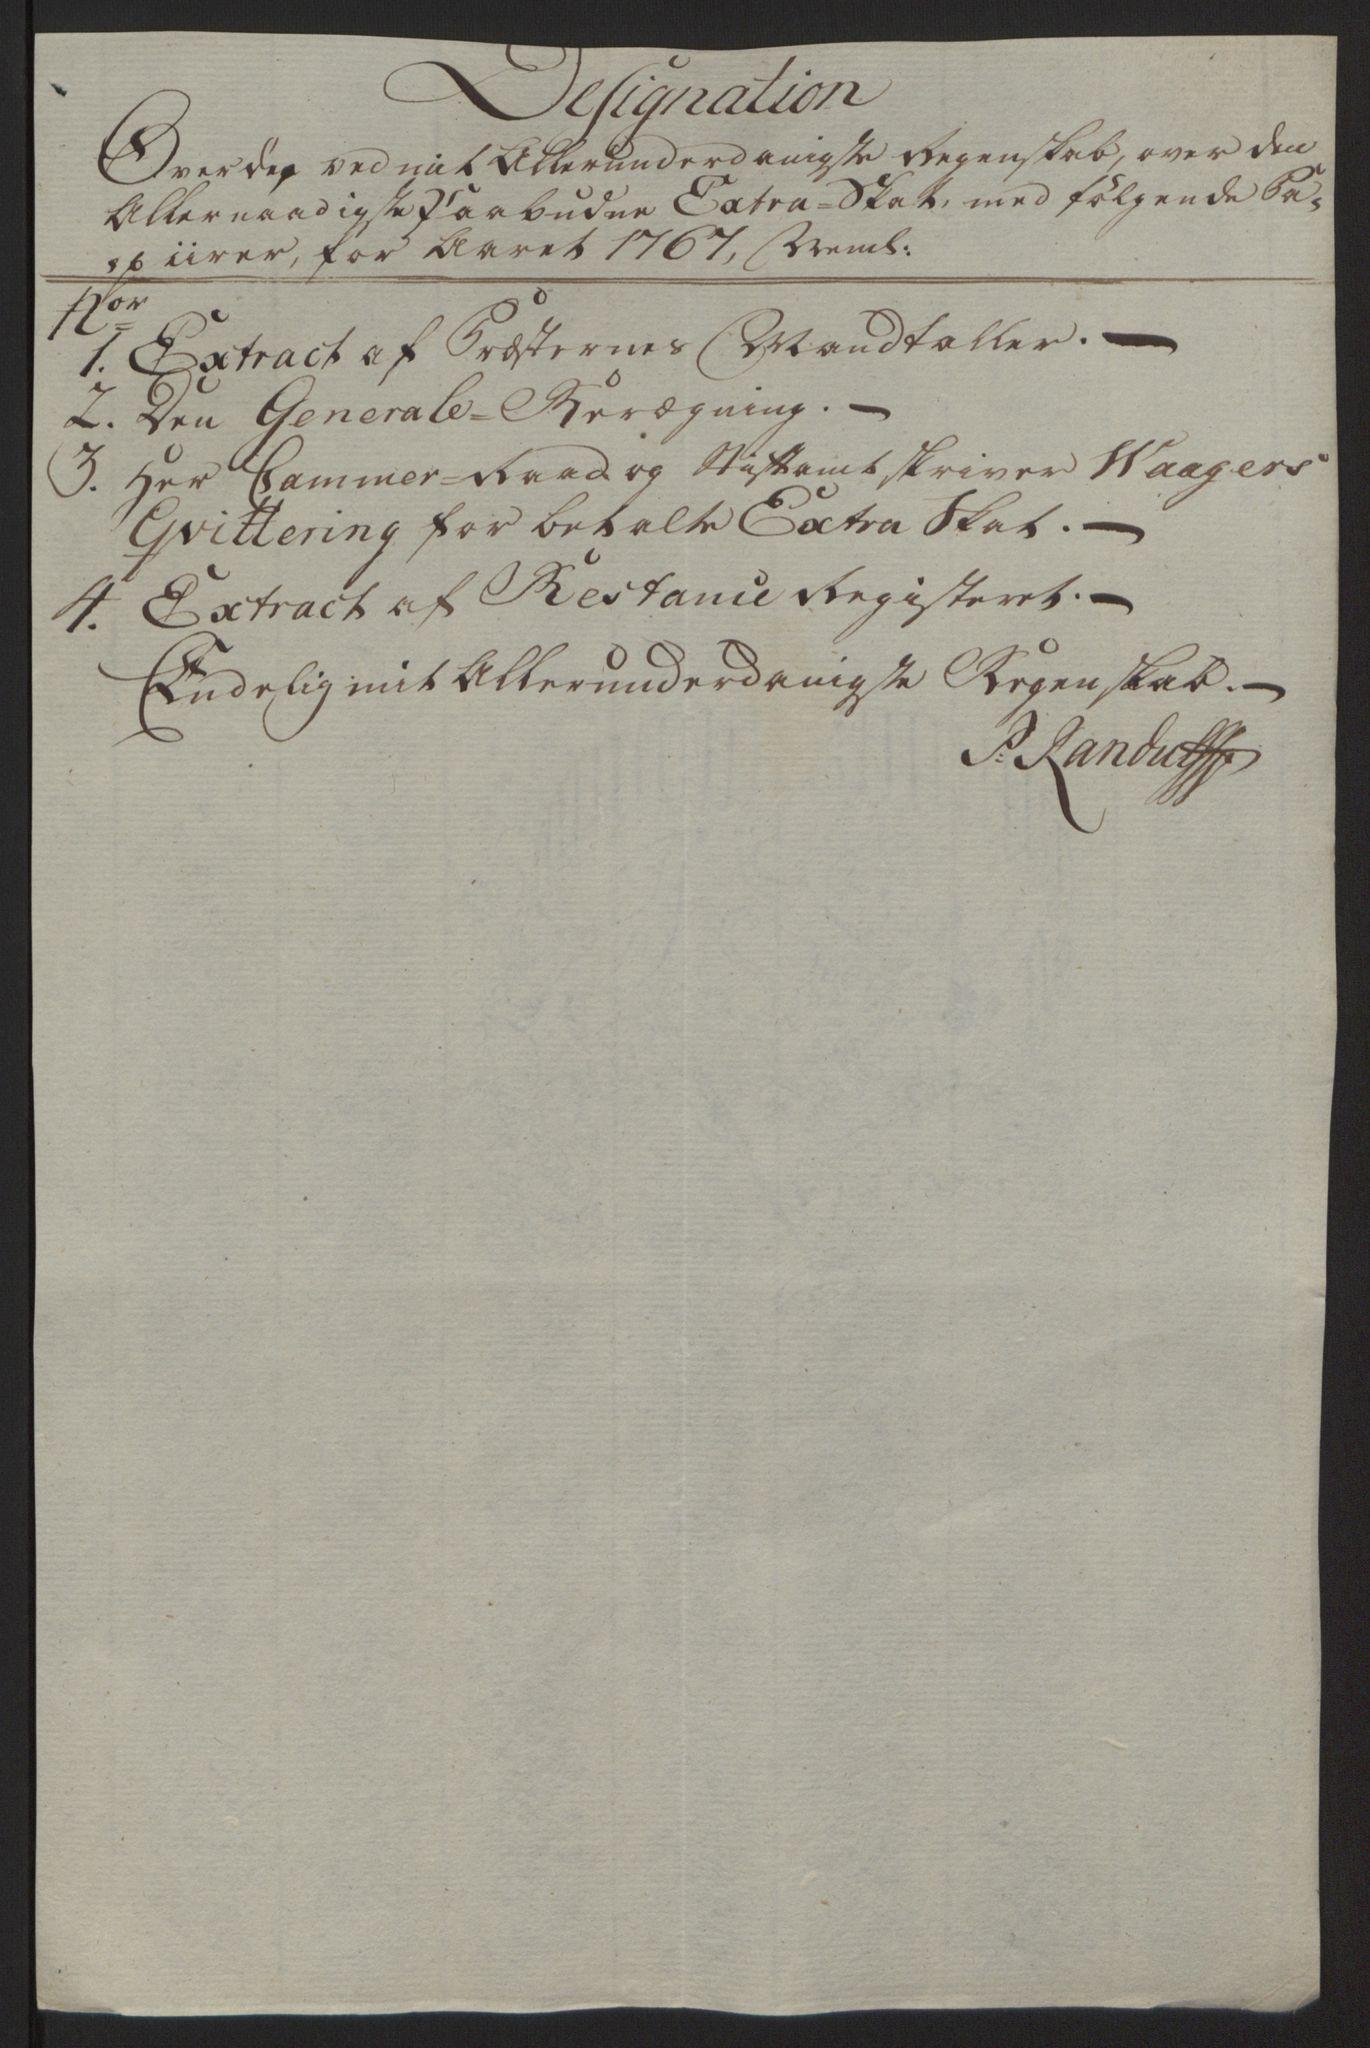 RA, Rentekammeret inntil 1814, Reviderte regnskaper, Fogderegnskap, R63/L4420: Ekstraskatten Inderøy, 1762-1772, s. 225